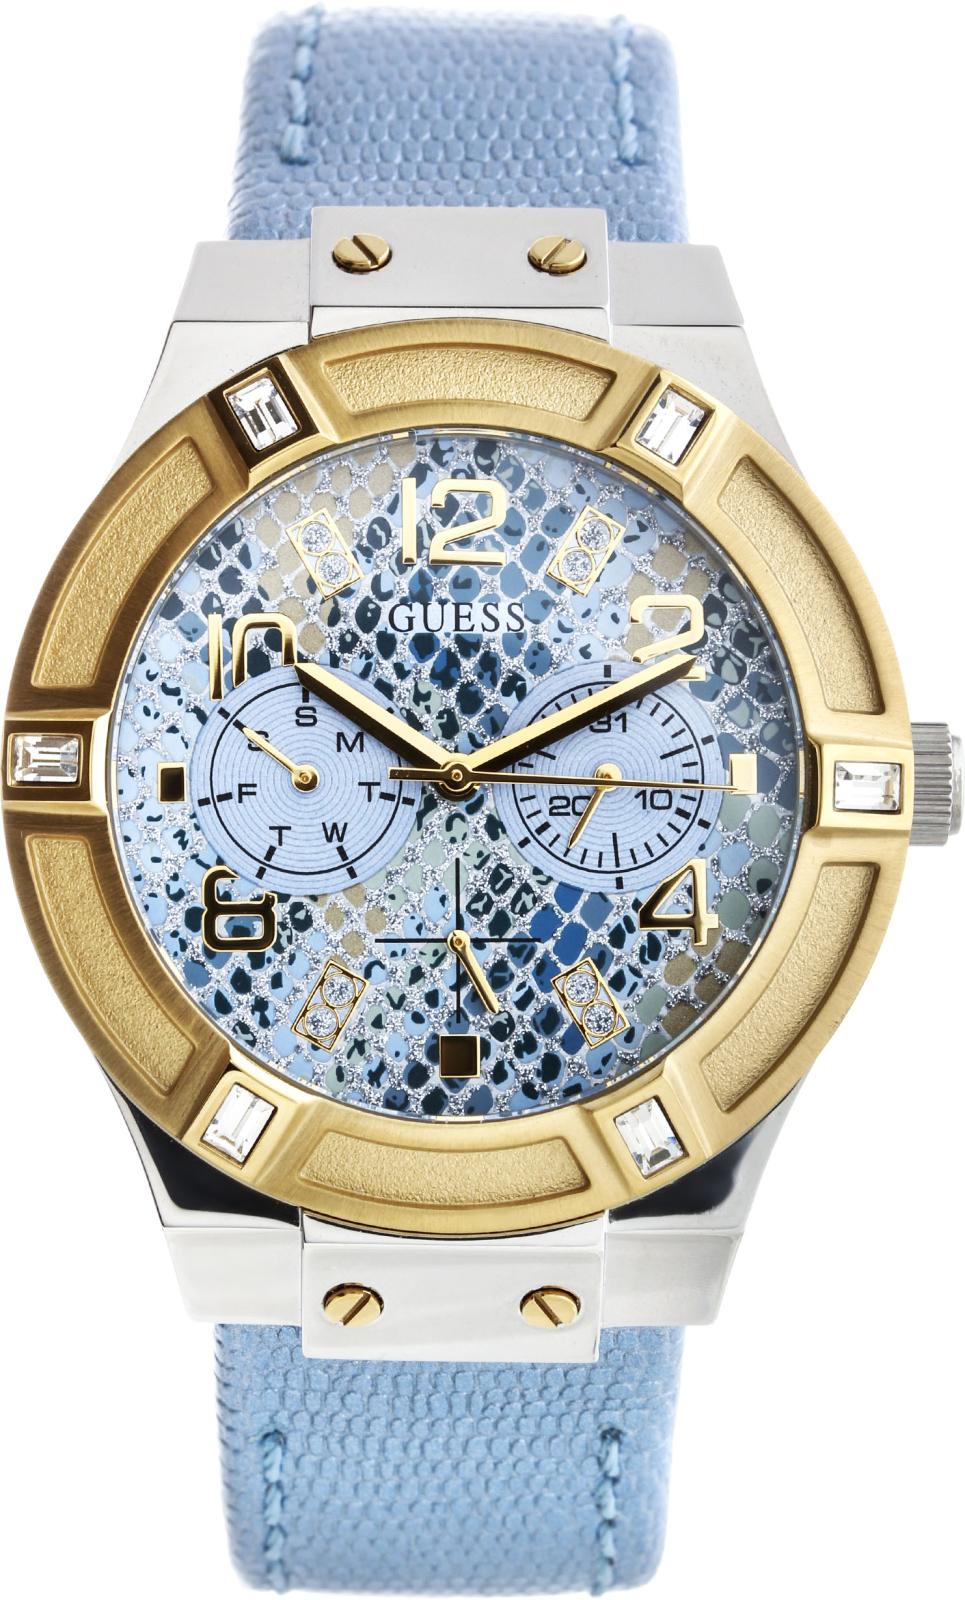 Guess Jet Setter W0289L2Наручные часы<br>Американские часы Guess Jet Setter W0289L2<br><br>Пол: Женские<br>Страна-производитель: США<br>Механизм: Кварцевый<br>Материал корпуса: Сталь<br>Материал ремня/браслета: Кожа<br>Водозащита, диапазон: 20 - 100 м<br>Стекло: Минеральное<br>Толщина корпуса: 11 мм<br>Стиль: Мода